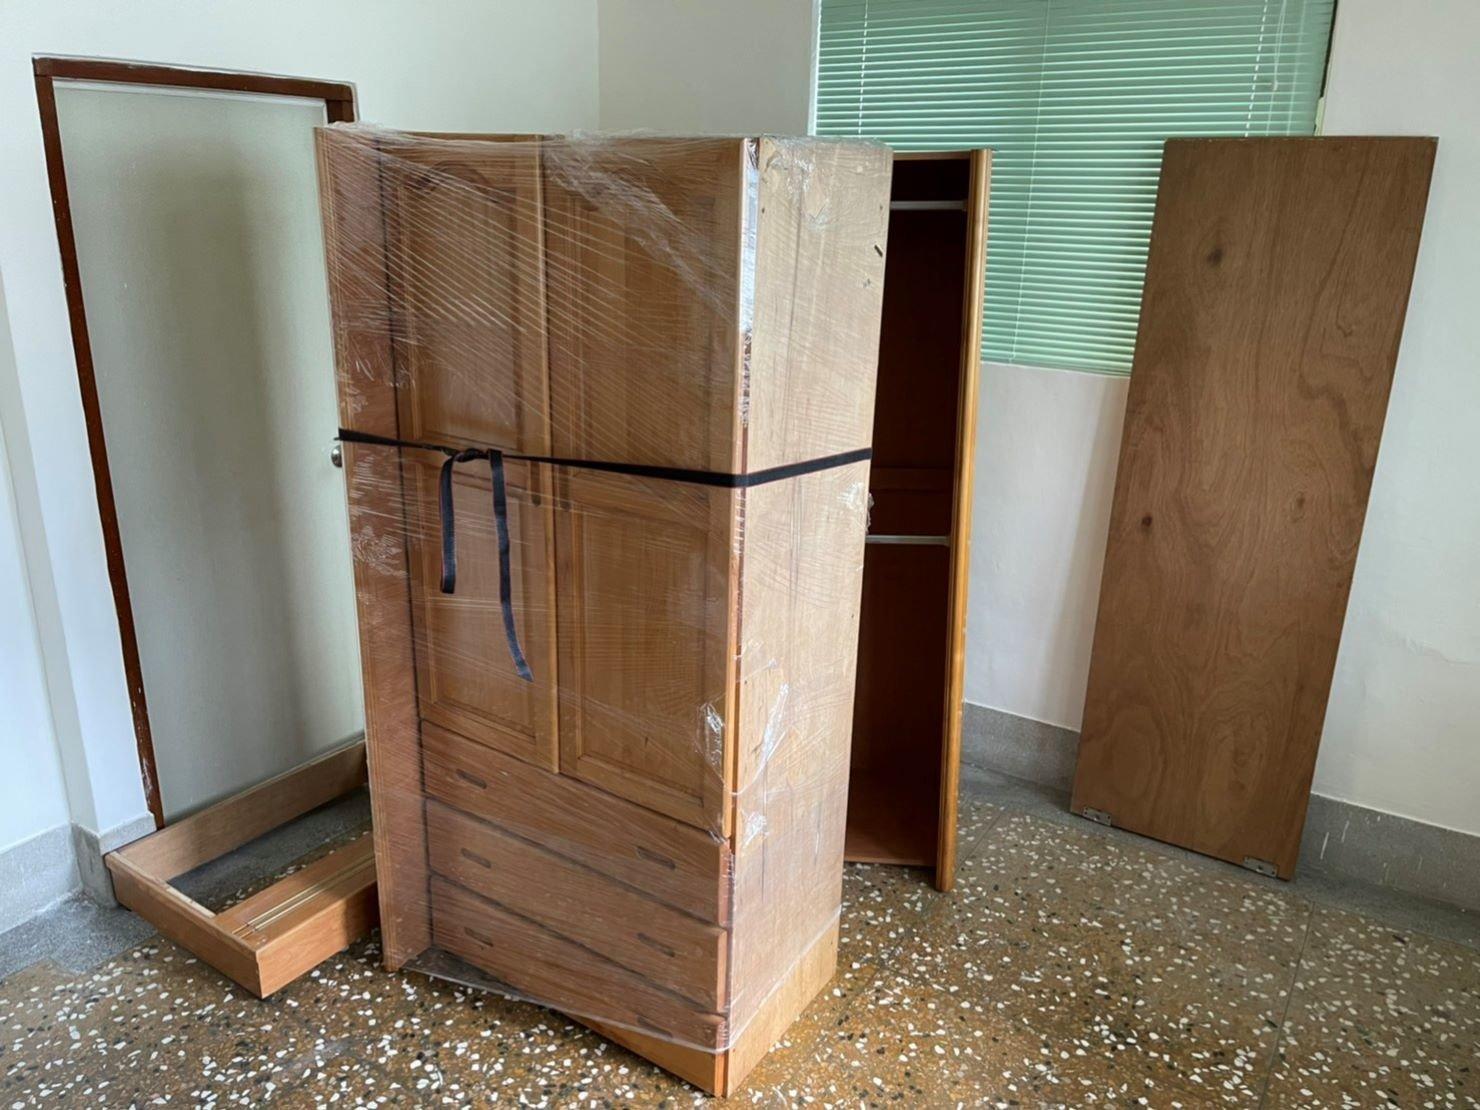 新北搬家【榮福搬家】搬家首選、台北搬家推薦:搬木製衣櫃-將拆分開的衣櫃以膠膜層層捆繞,避免摩擦受損、也可防塵防水;最後繫上束帶防止膠膜鬆散脫落。